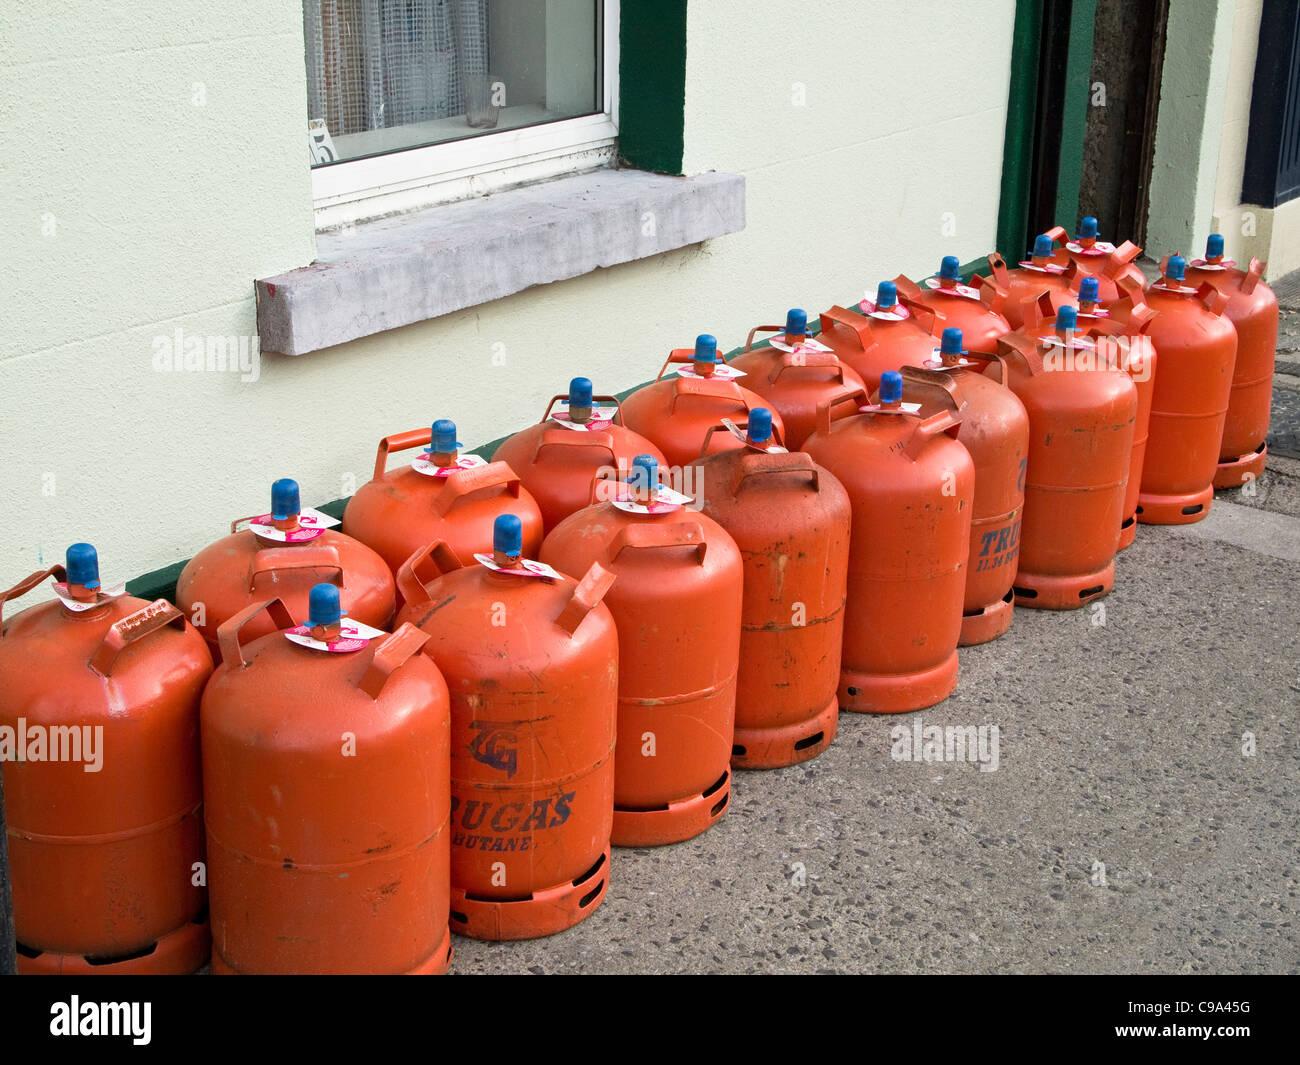 Des bonbonnes de gaz domestique en vente à l'extérieur d'un magasin de matériel à Skerries, Photo Stock